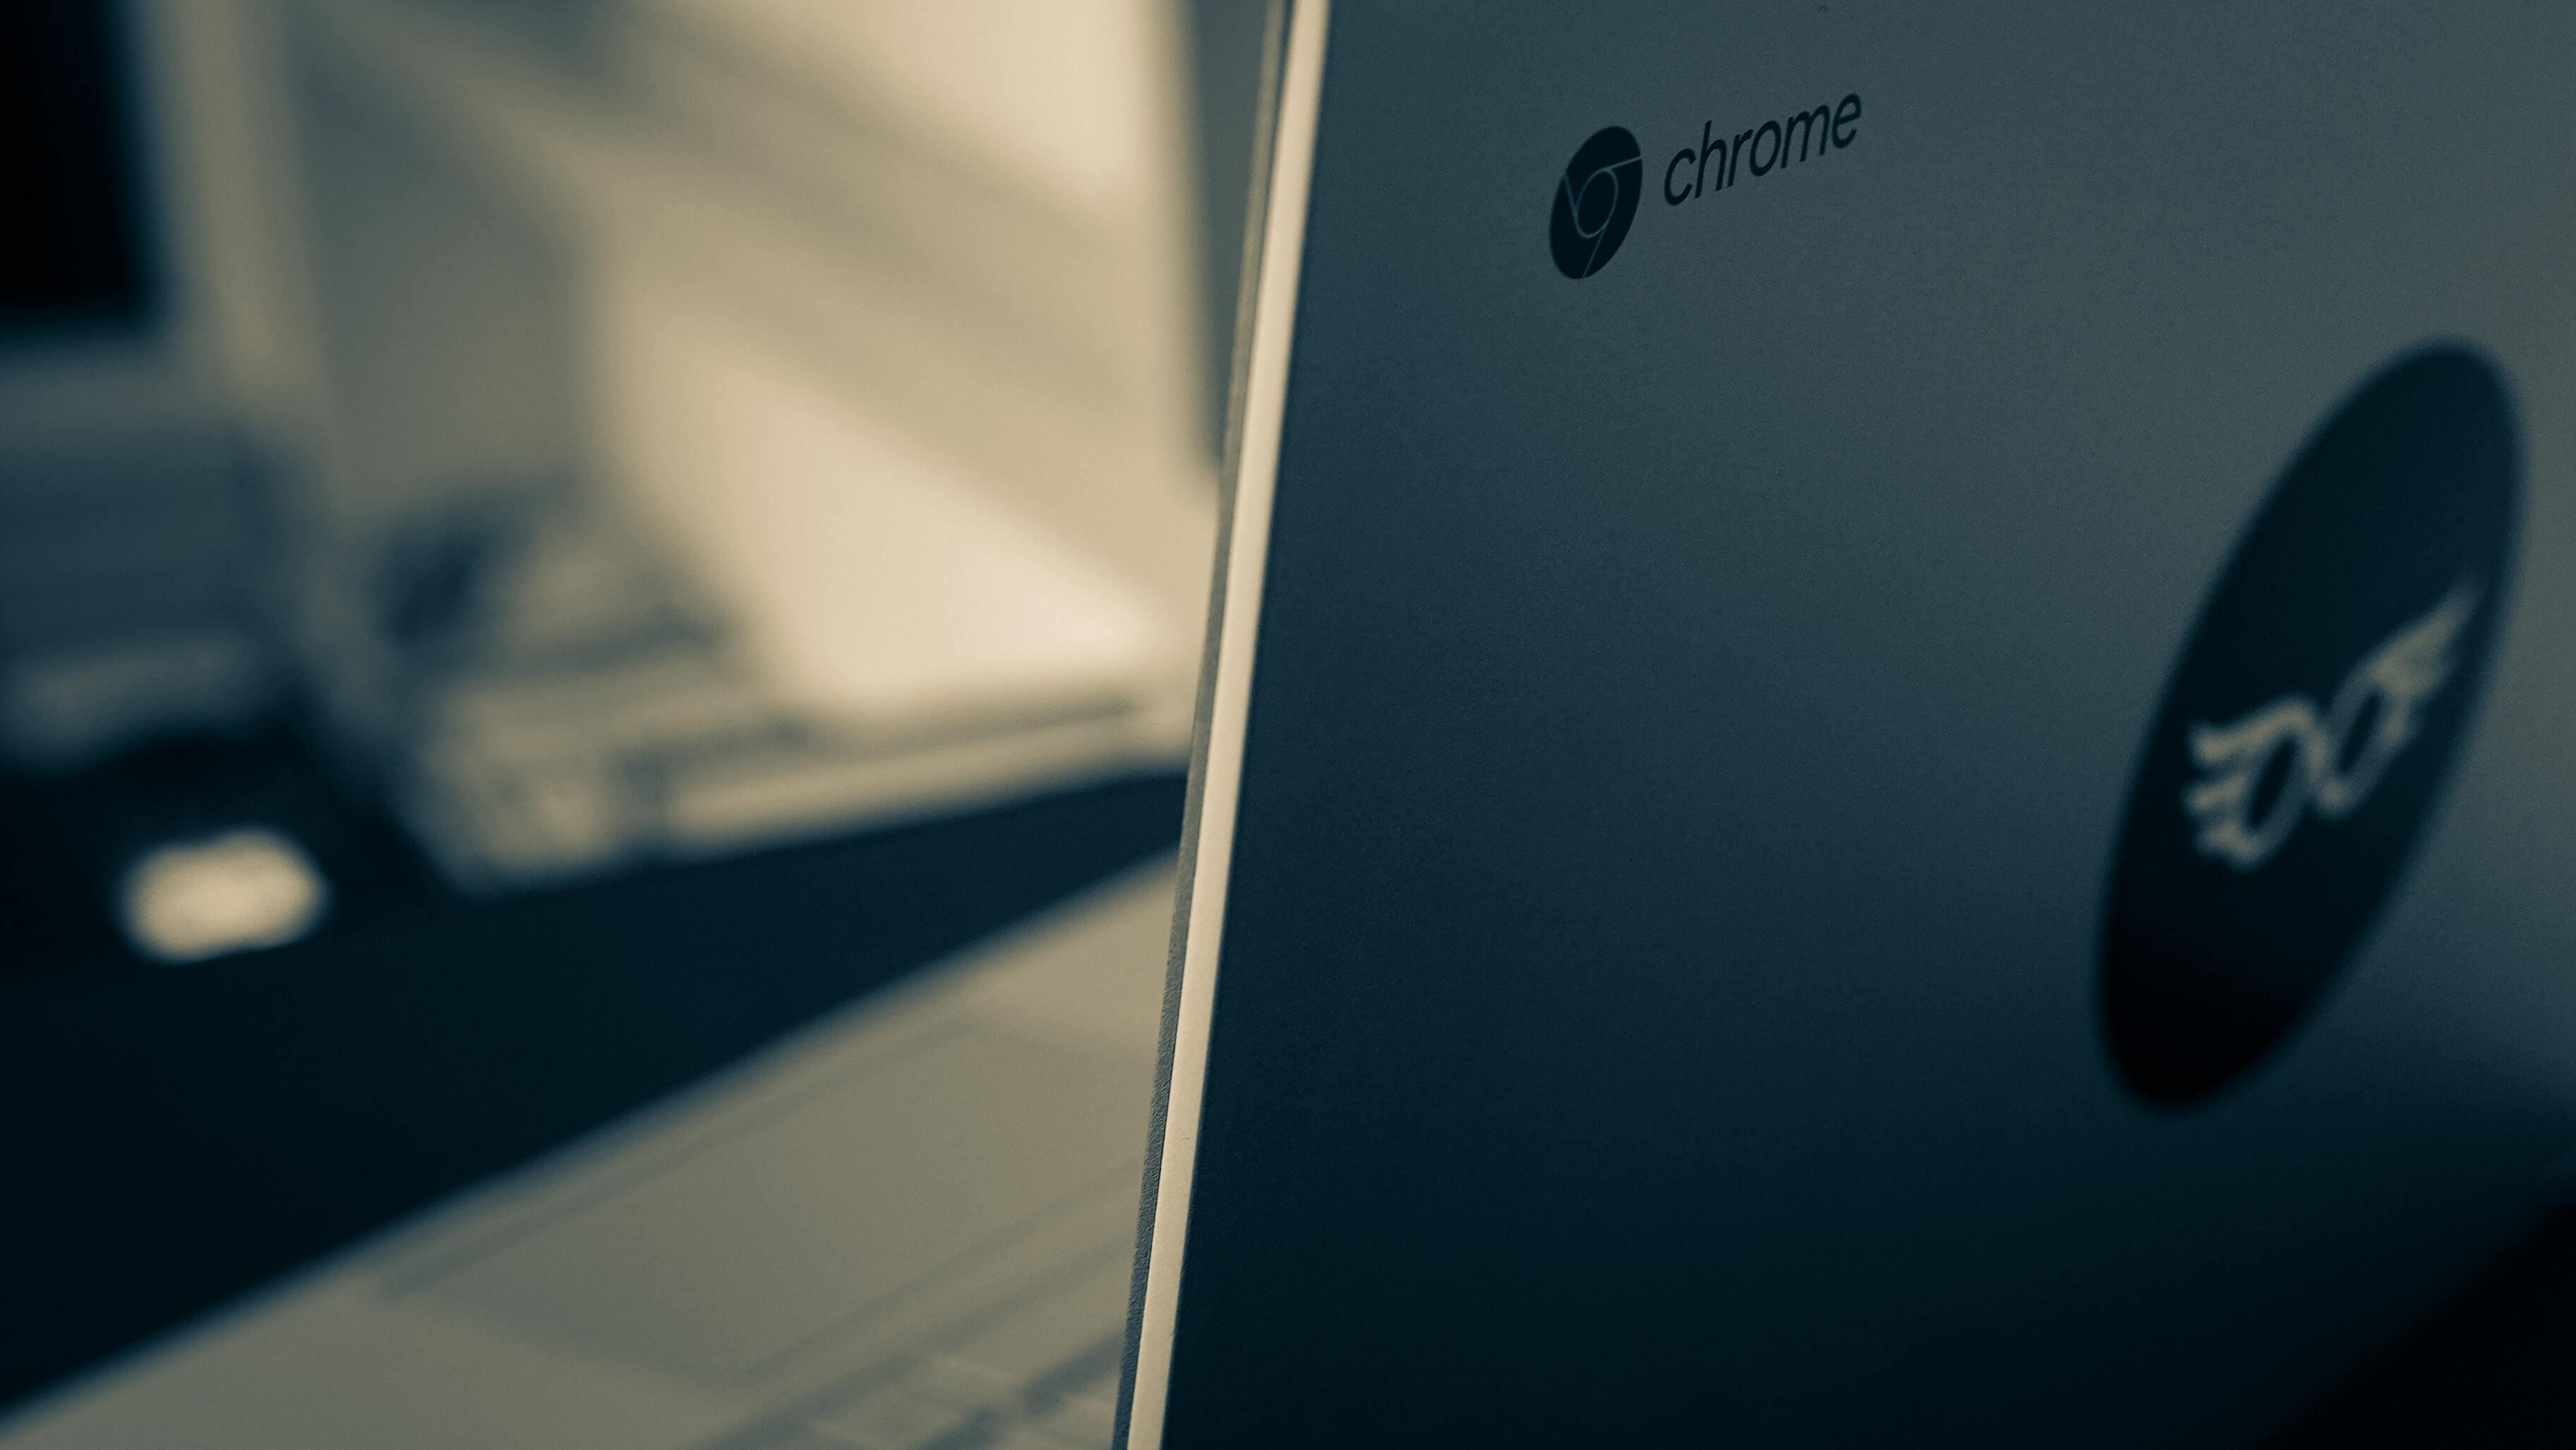 Ноутбуки Google перестали работать из-за опечатки программиста